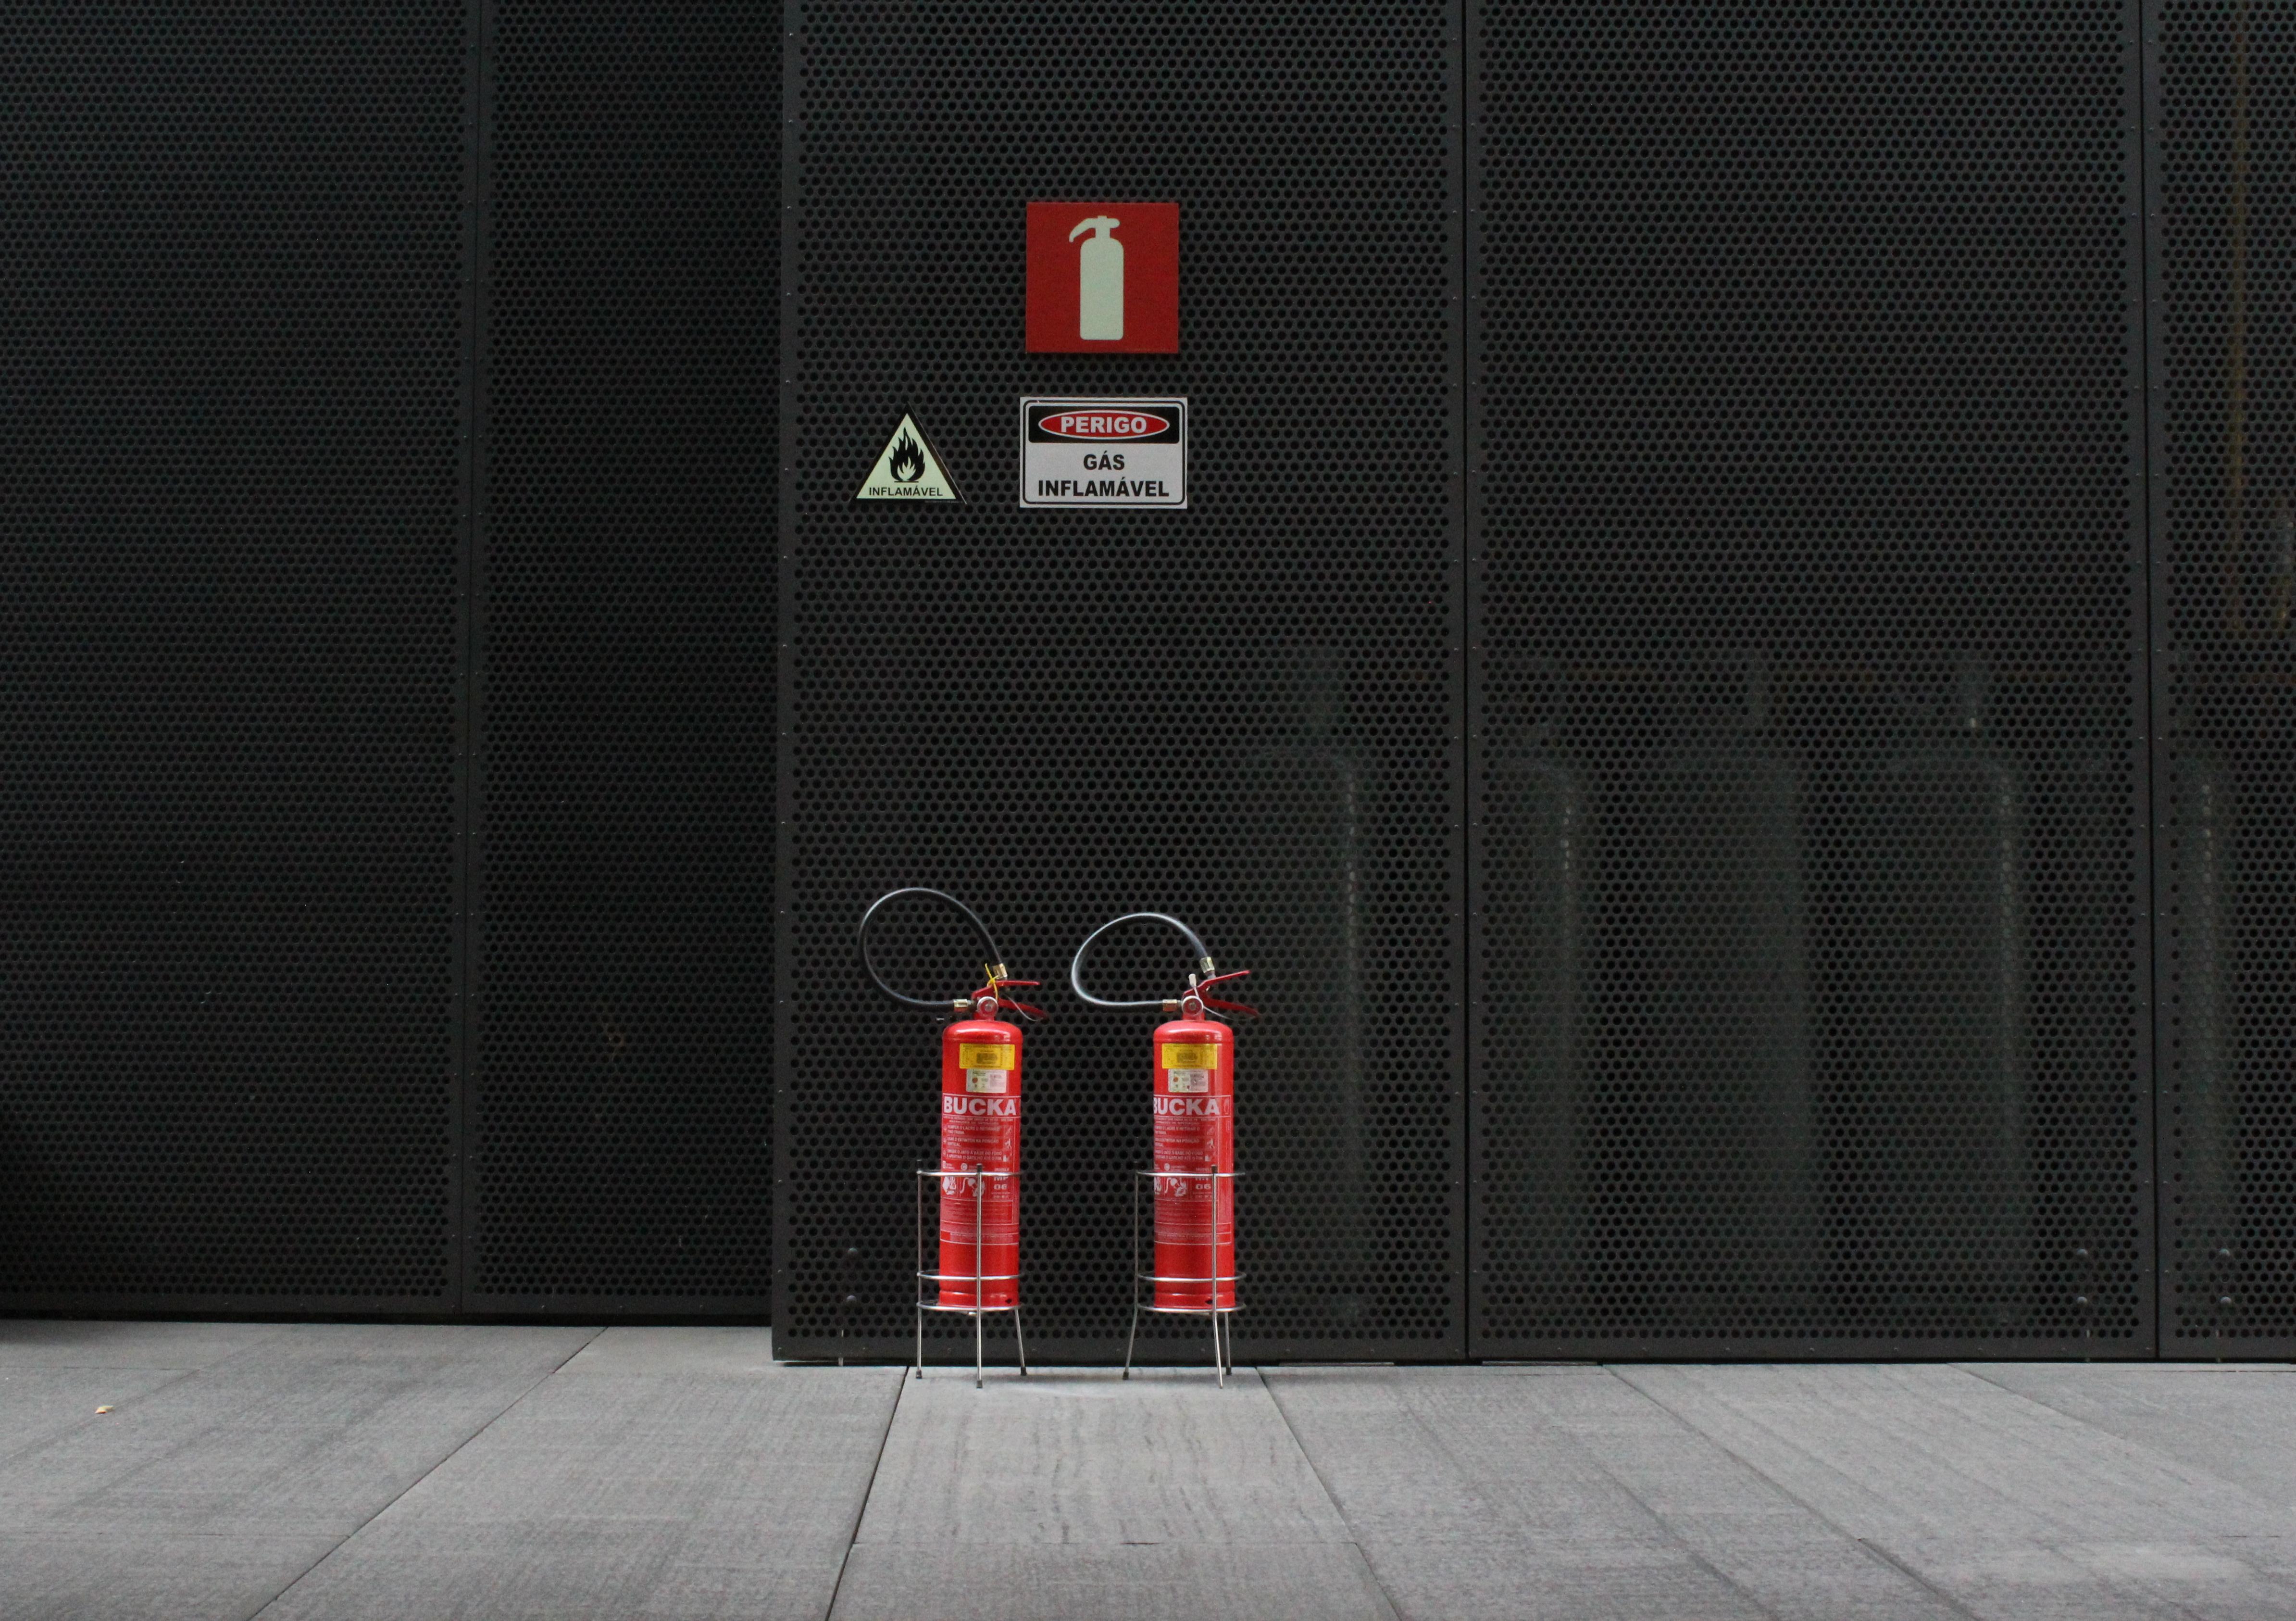 Воздушно-пенный огнетушитель: назначение, конструкция, принцип действия и применение